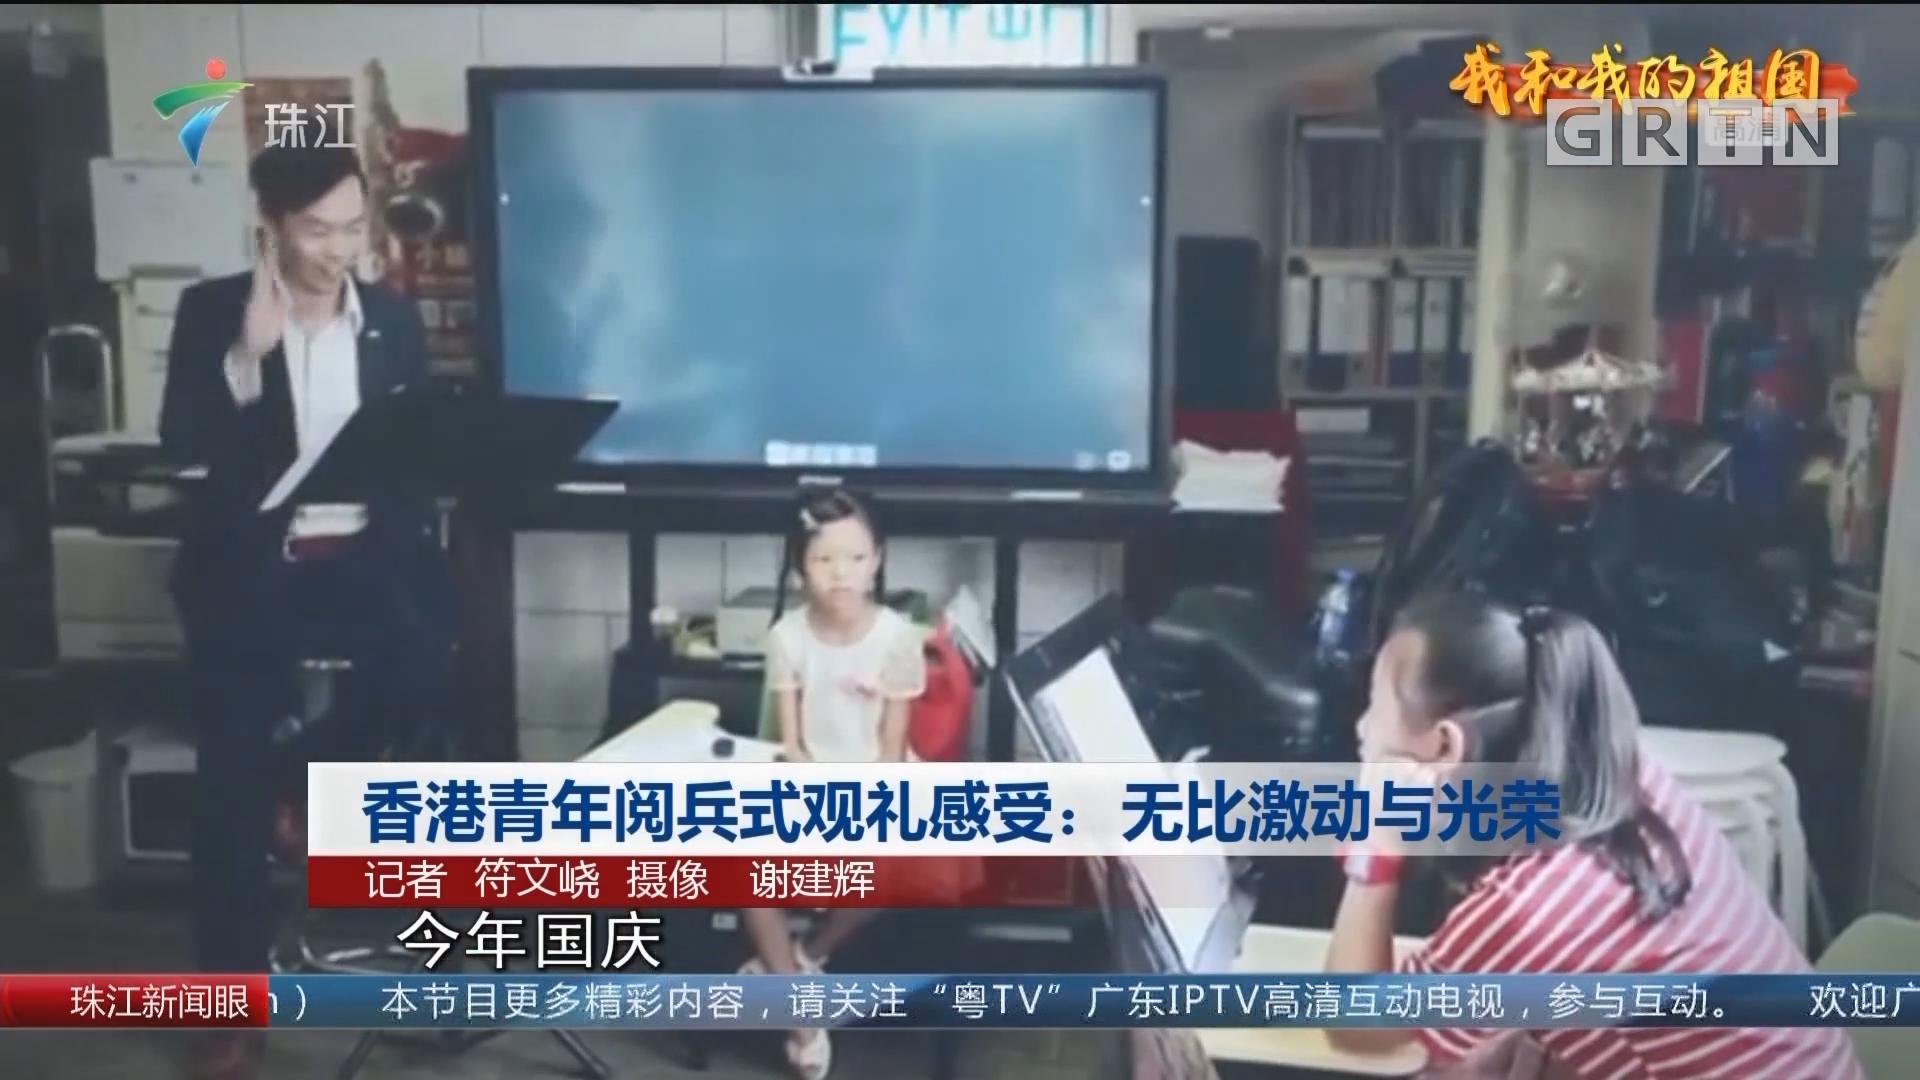 香港青年阅兵式观礼感受:无比激动与光荣